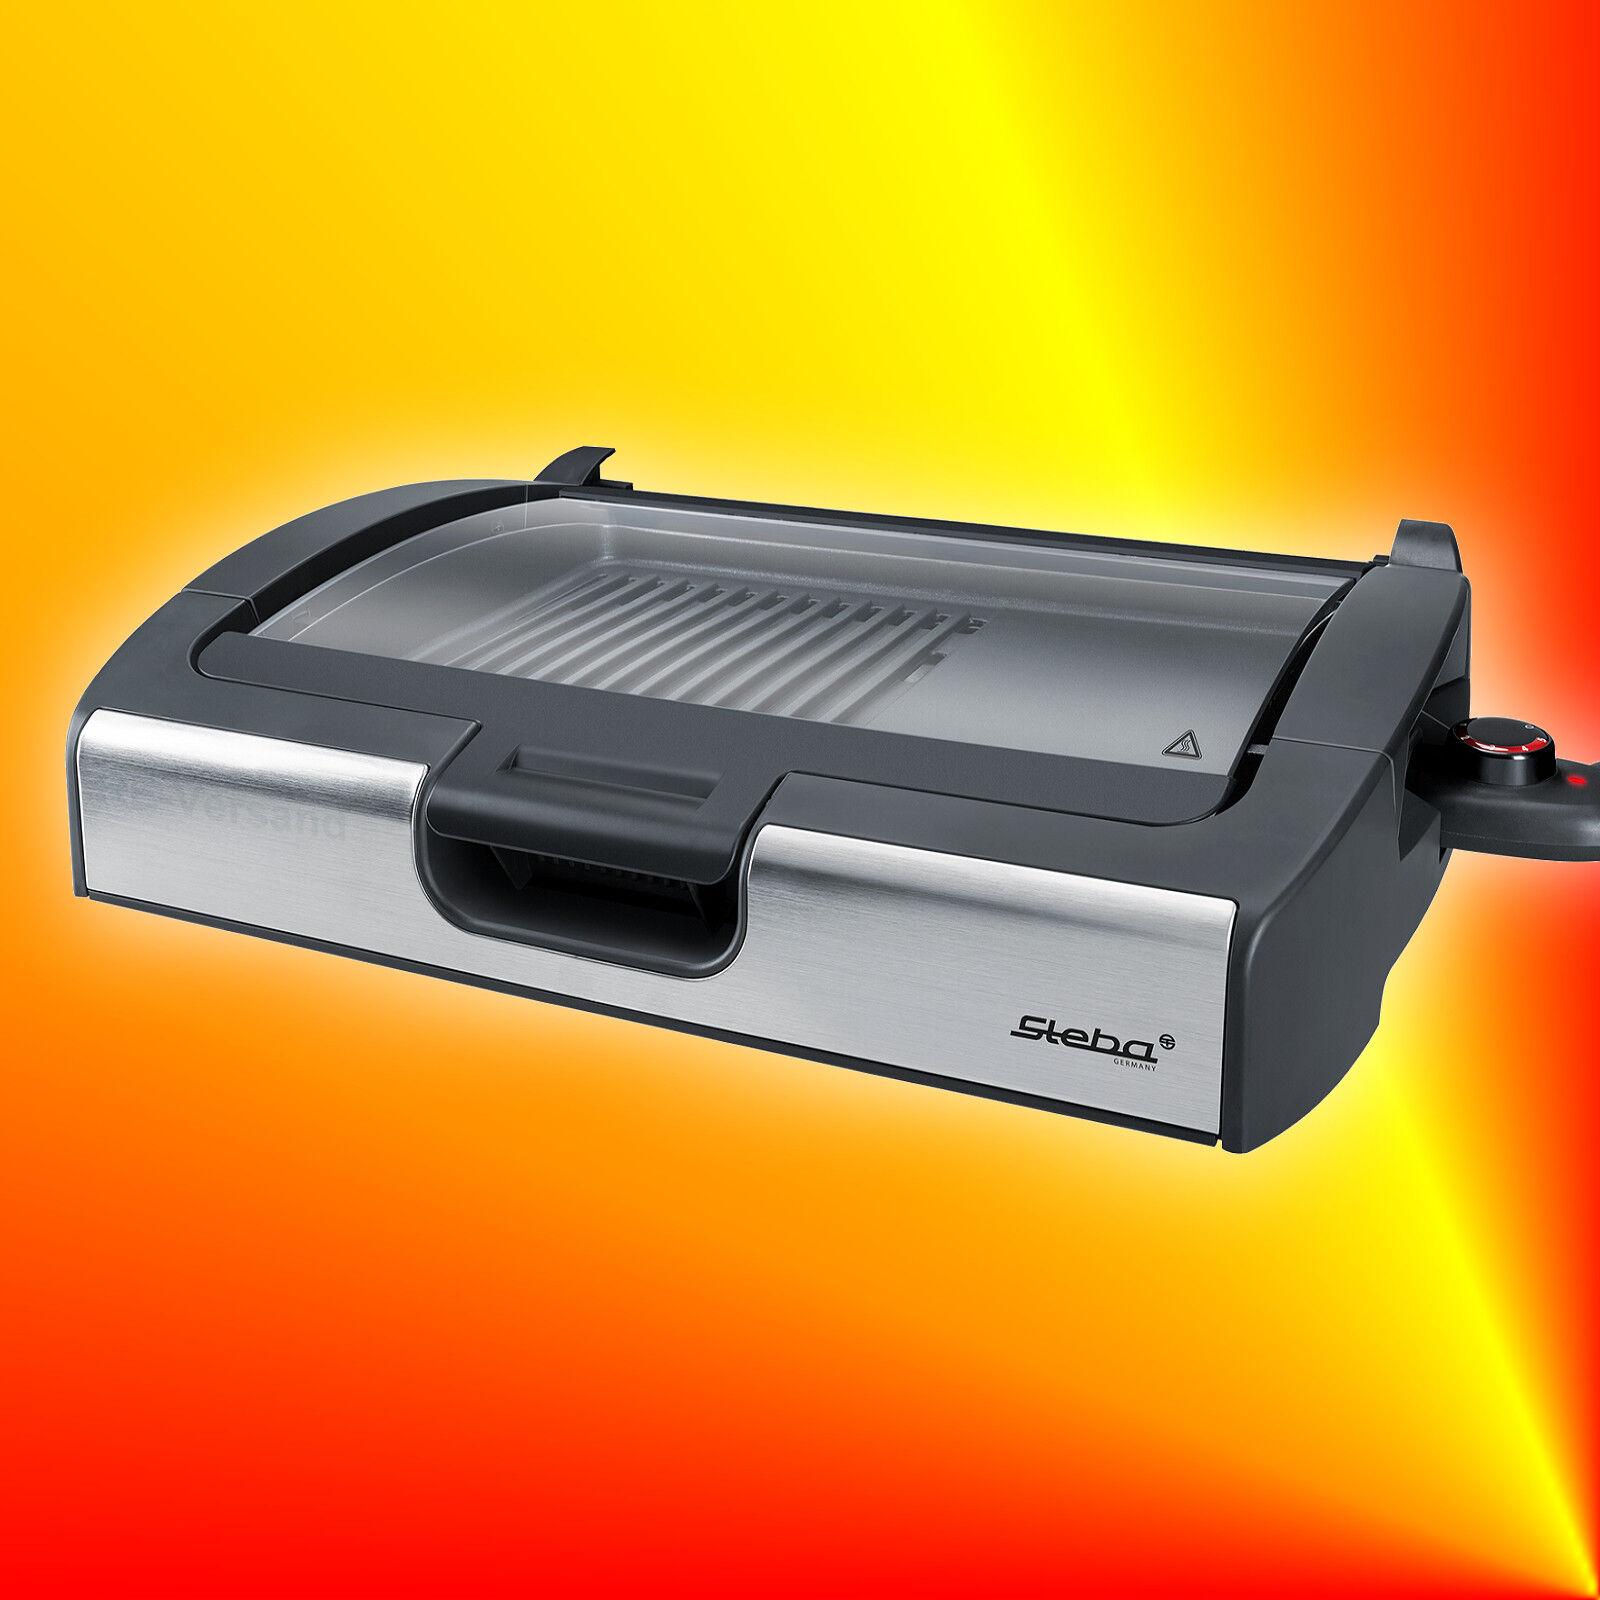 steba grill vg test vergleich +++ steba grill vg günstig kaufen!